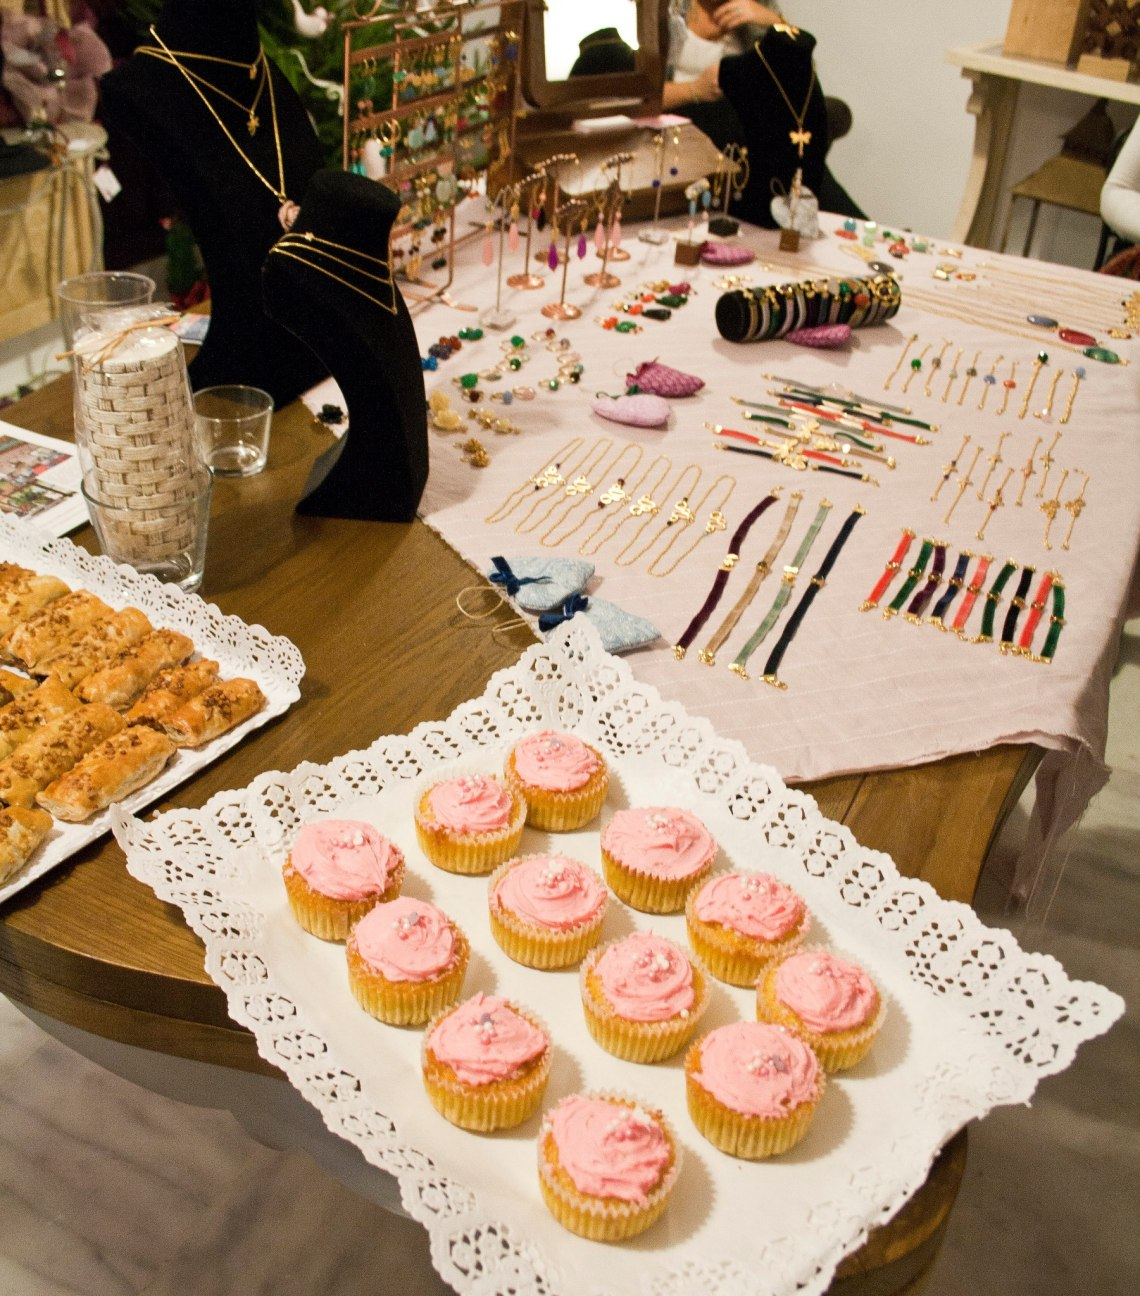 Por la tarde hemos tenido merienda con dulces de la firma Pincook. Nuevamente, deliciosos!